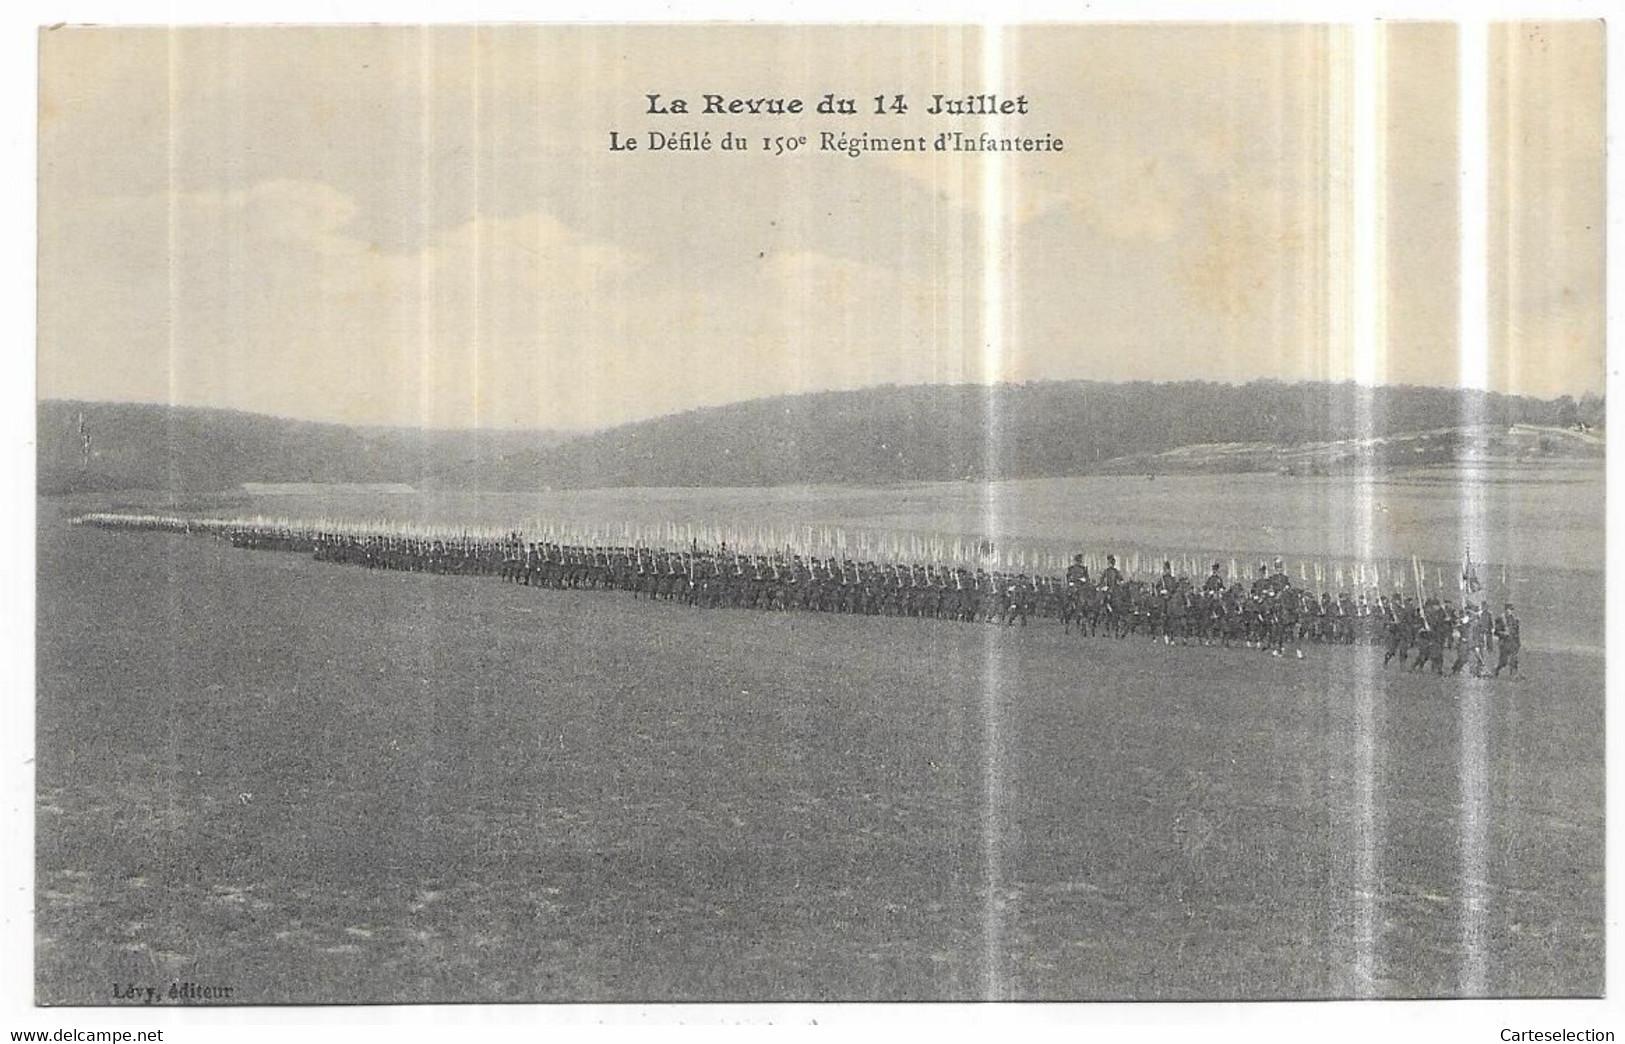 Saint Mihiel La Revue Du 14 Juillet Défilé Du 150° Régiment D' Infanterie - Saint Mihiel